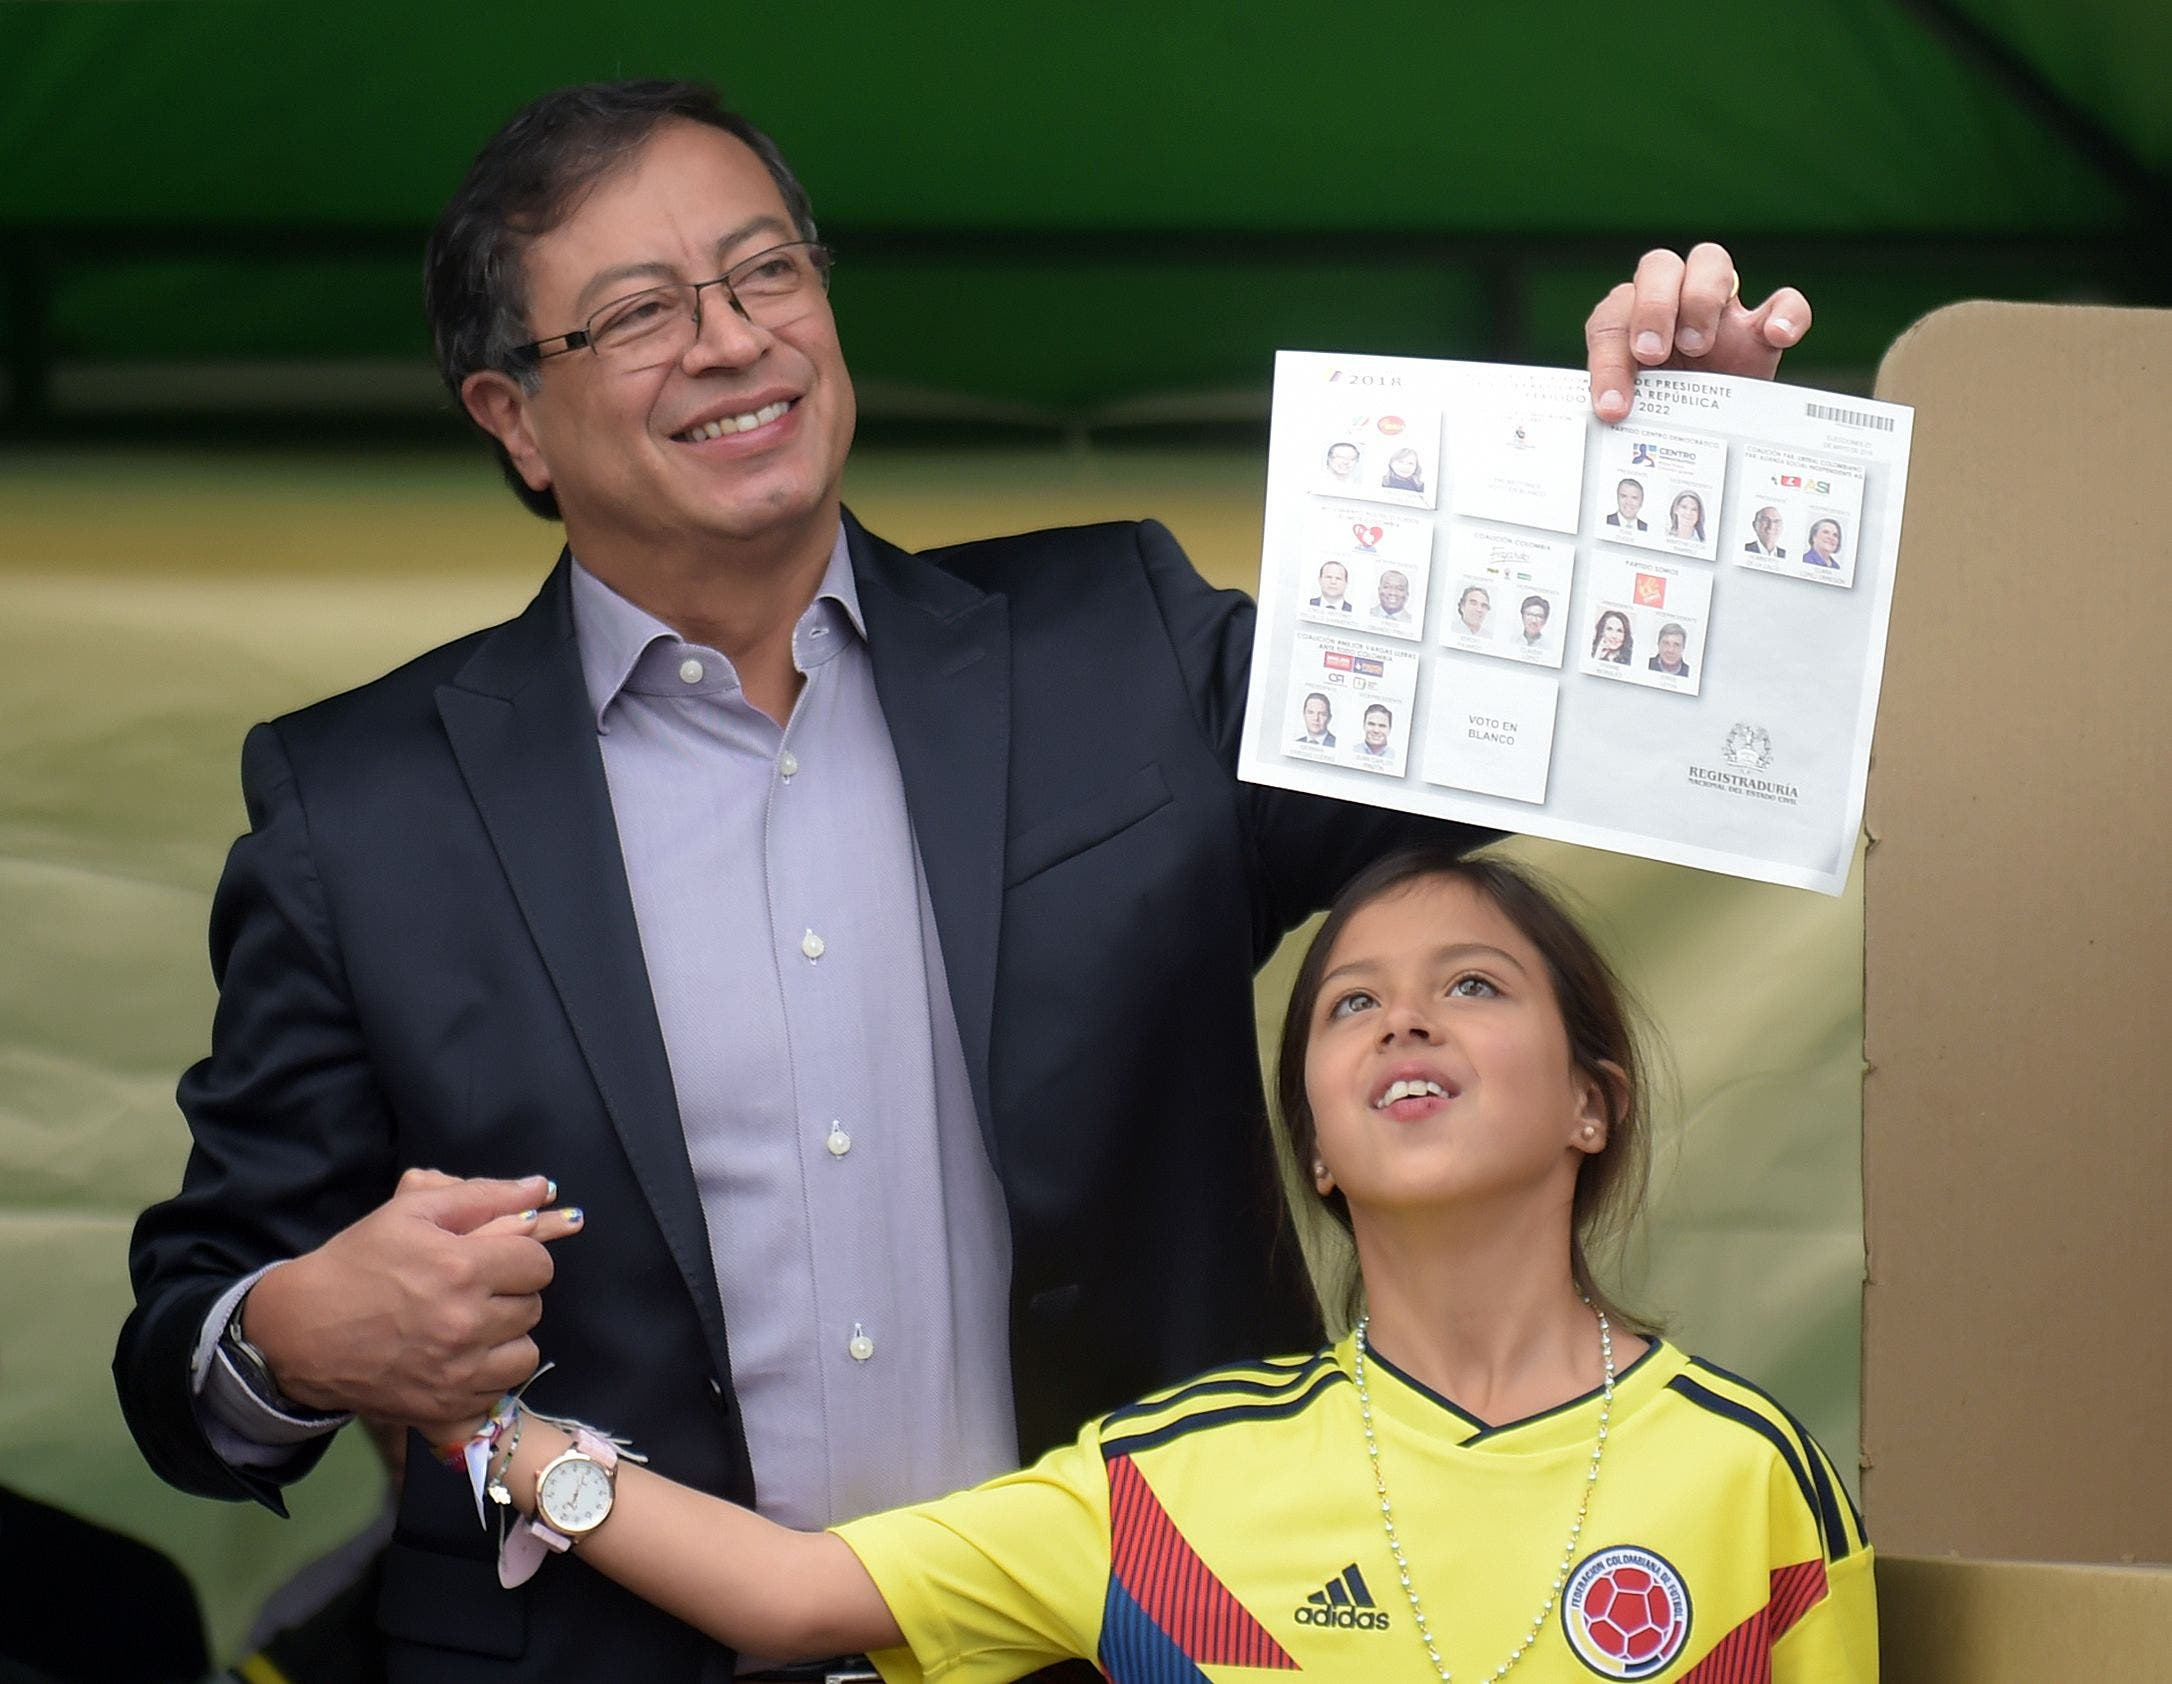 El candidato presidencial colombiano, Gustavo Petro, recibió  hoy el apoyo de los congresistas de Alianza Verde, que obtuvo el 23.73% de los votos.